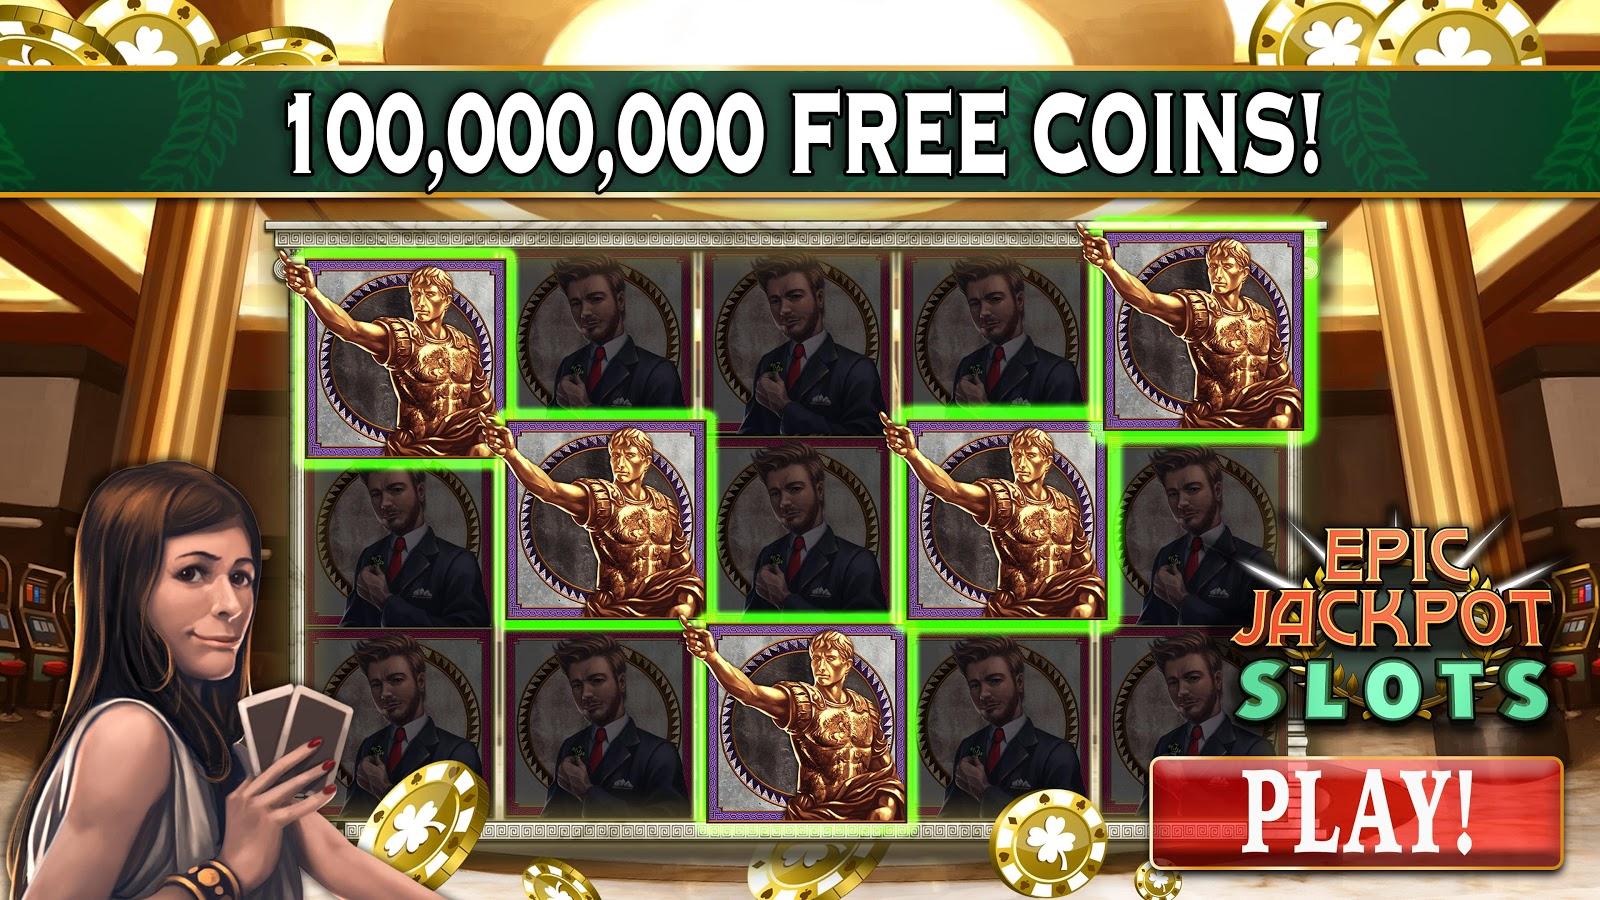 Играть Онлайн В Игровые Автоматы Бесплатно Без Регистрации